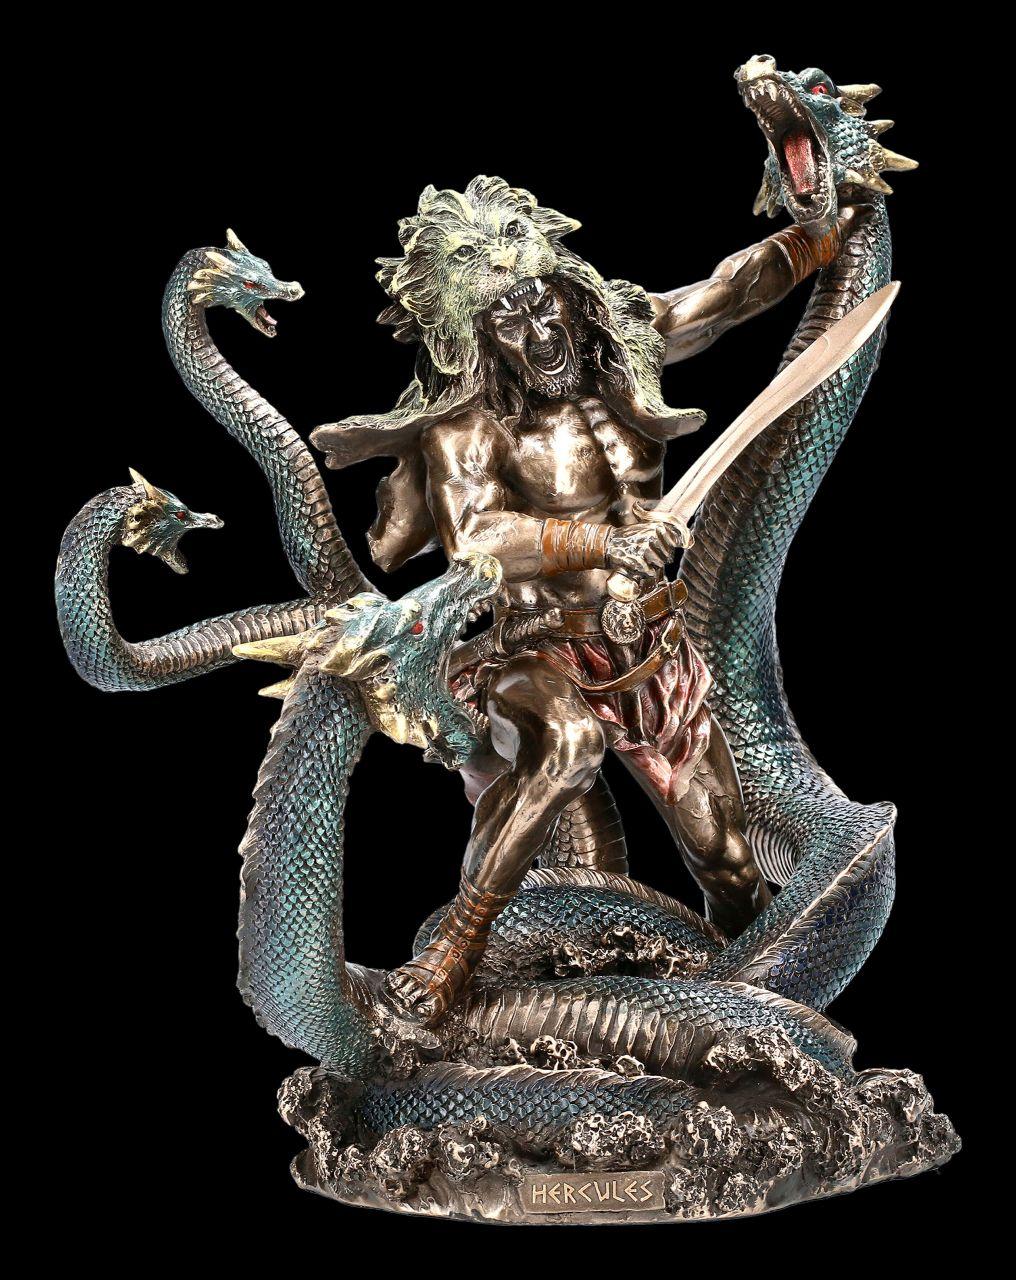 Herkules Figur im Kampf mit Hydra